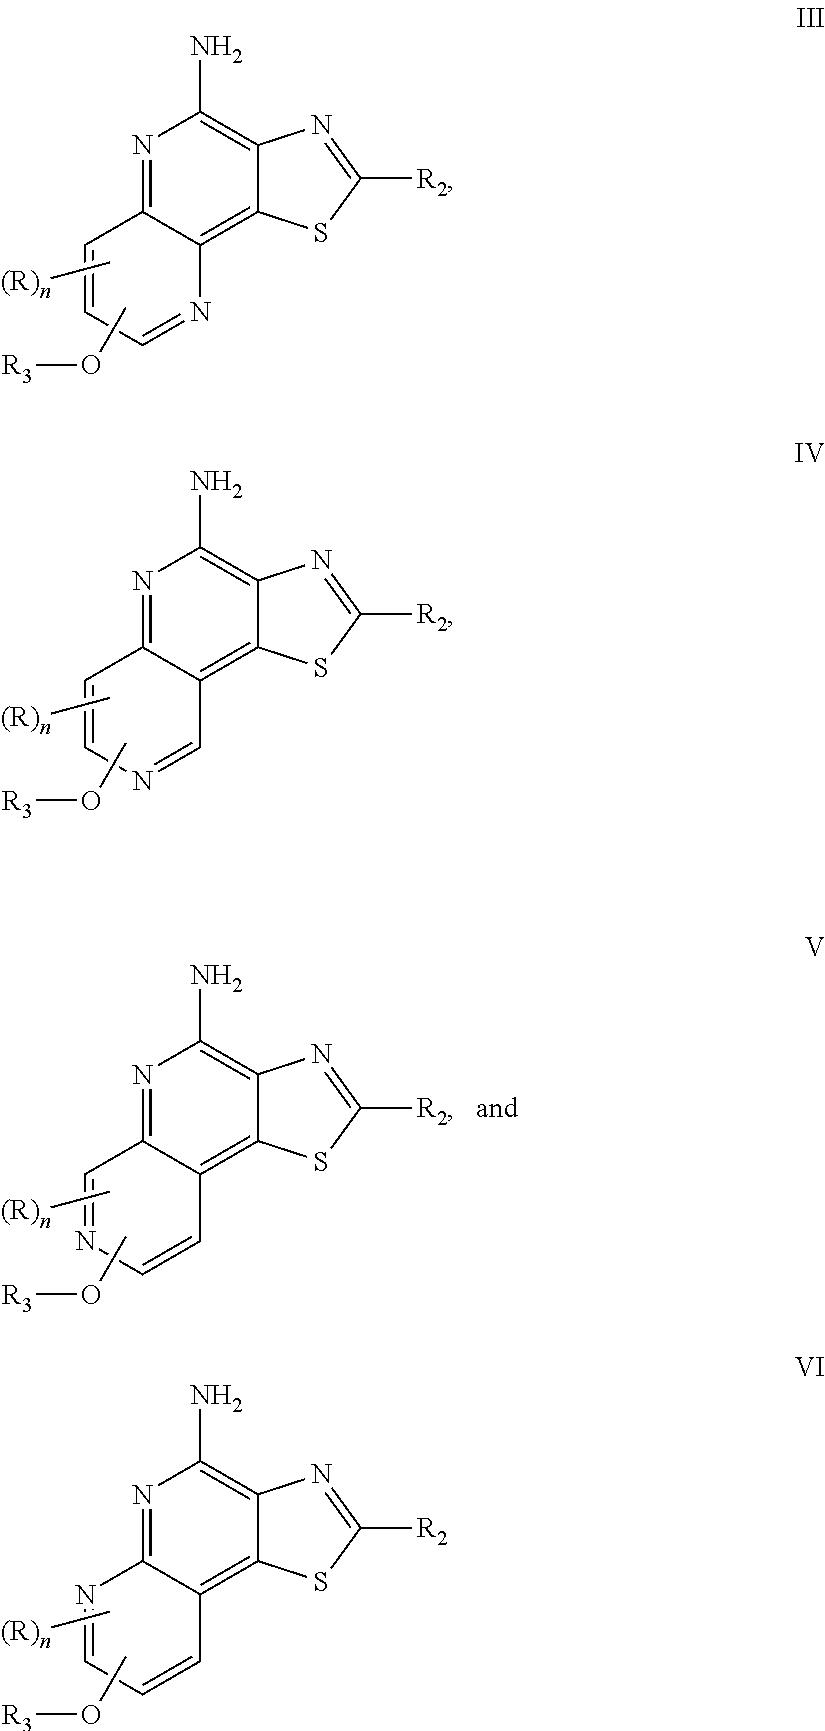 Figure US09546184-20170117-C00021